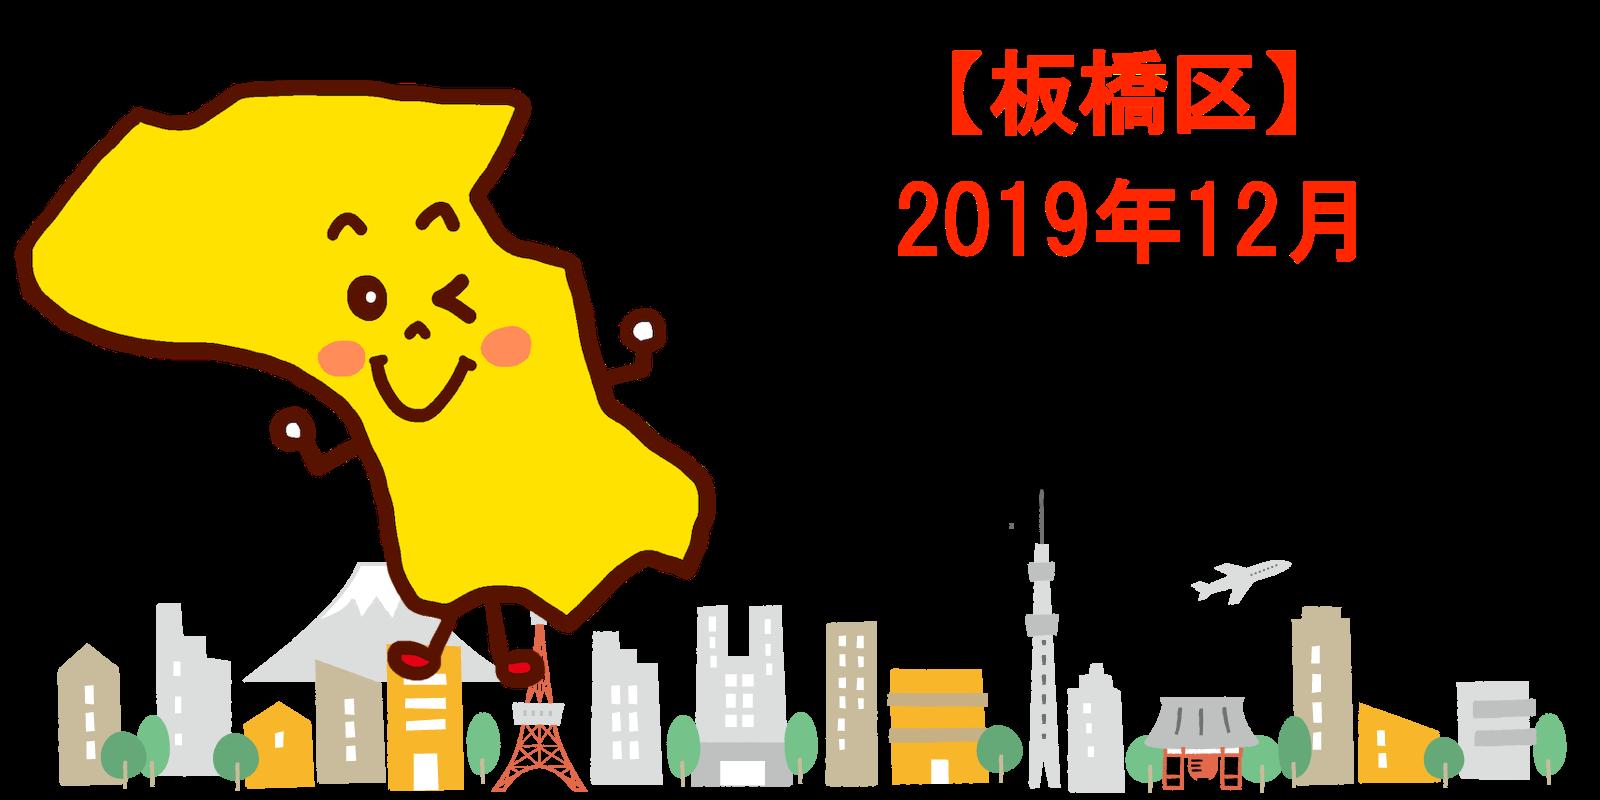 2019年12月 板橋宿区 中古マンション価格相場ランキング